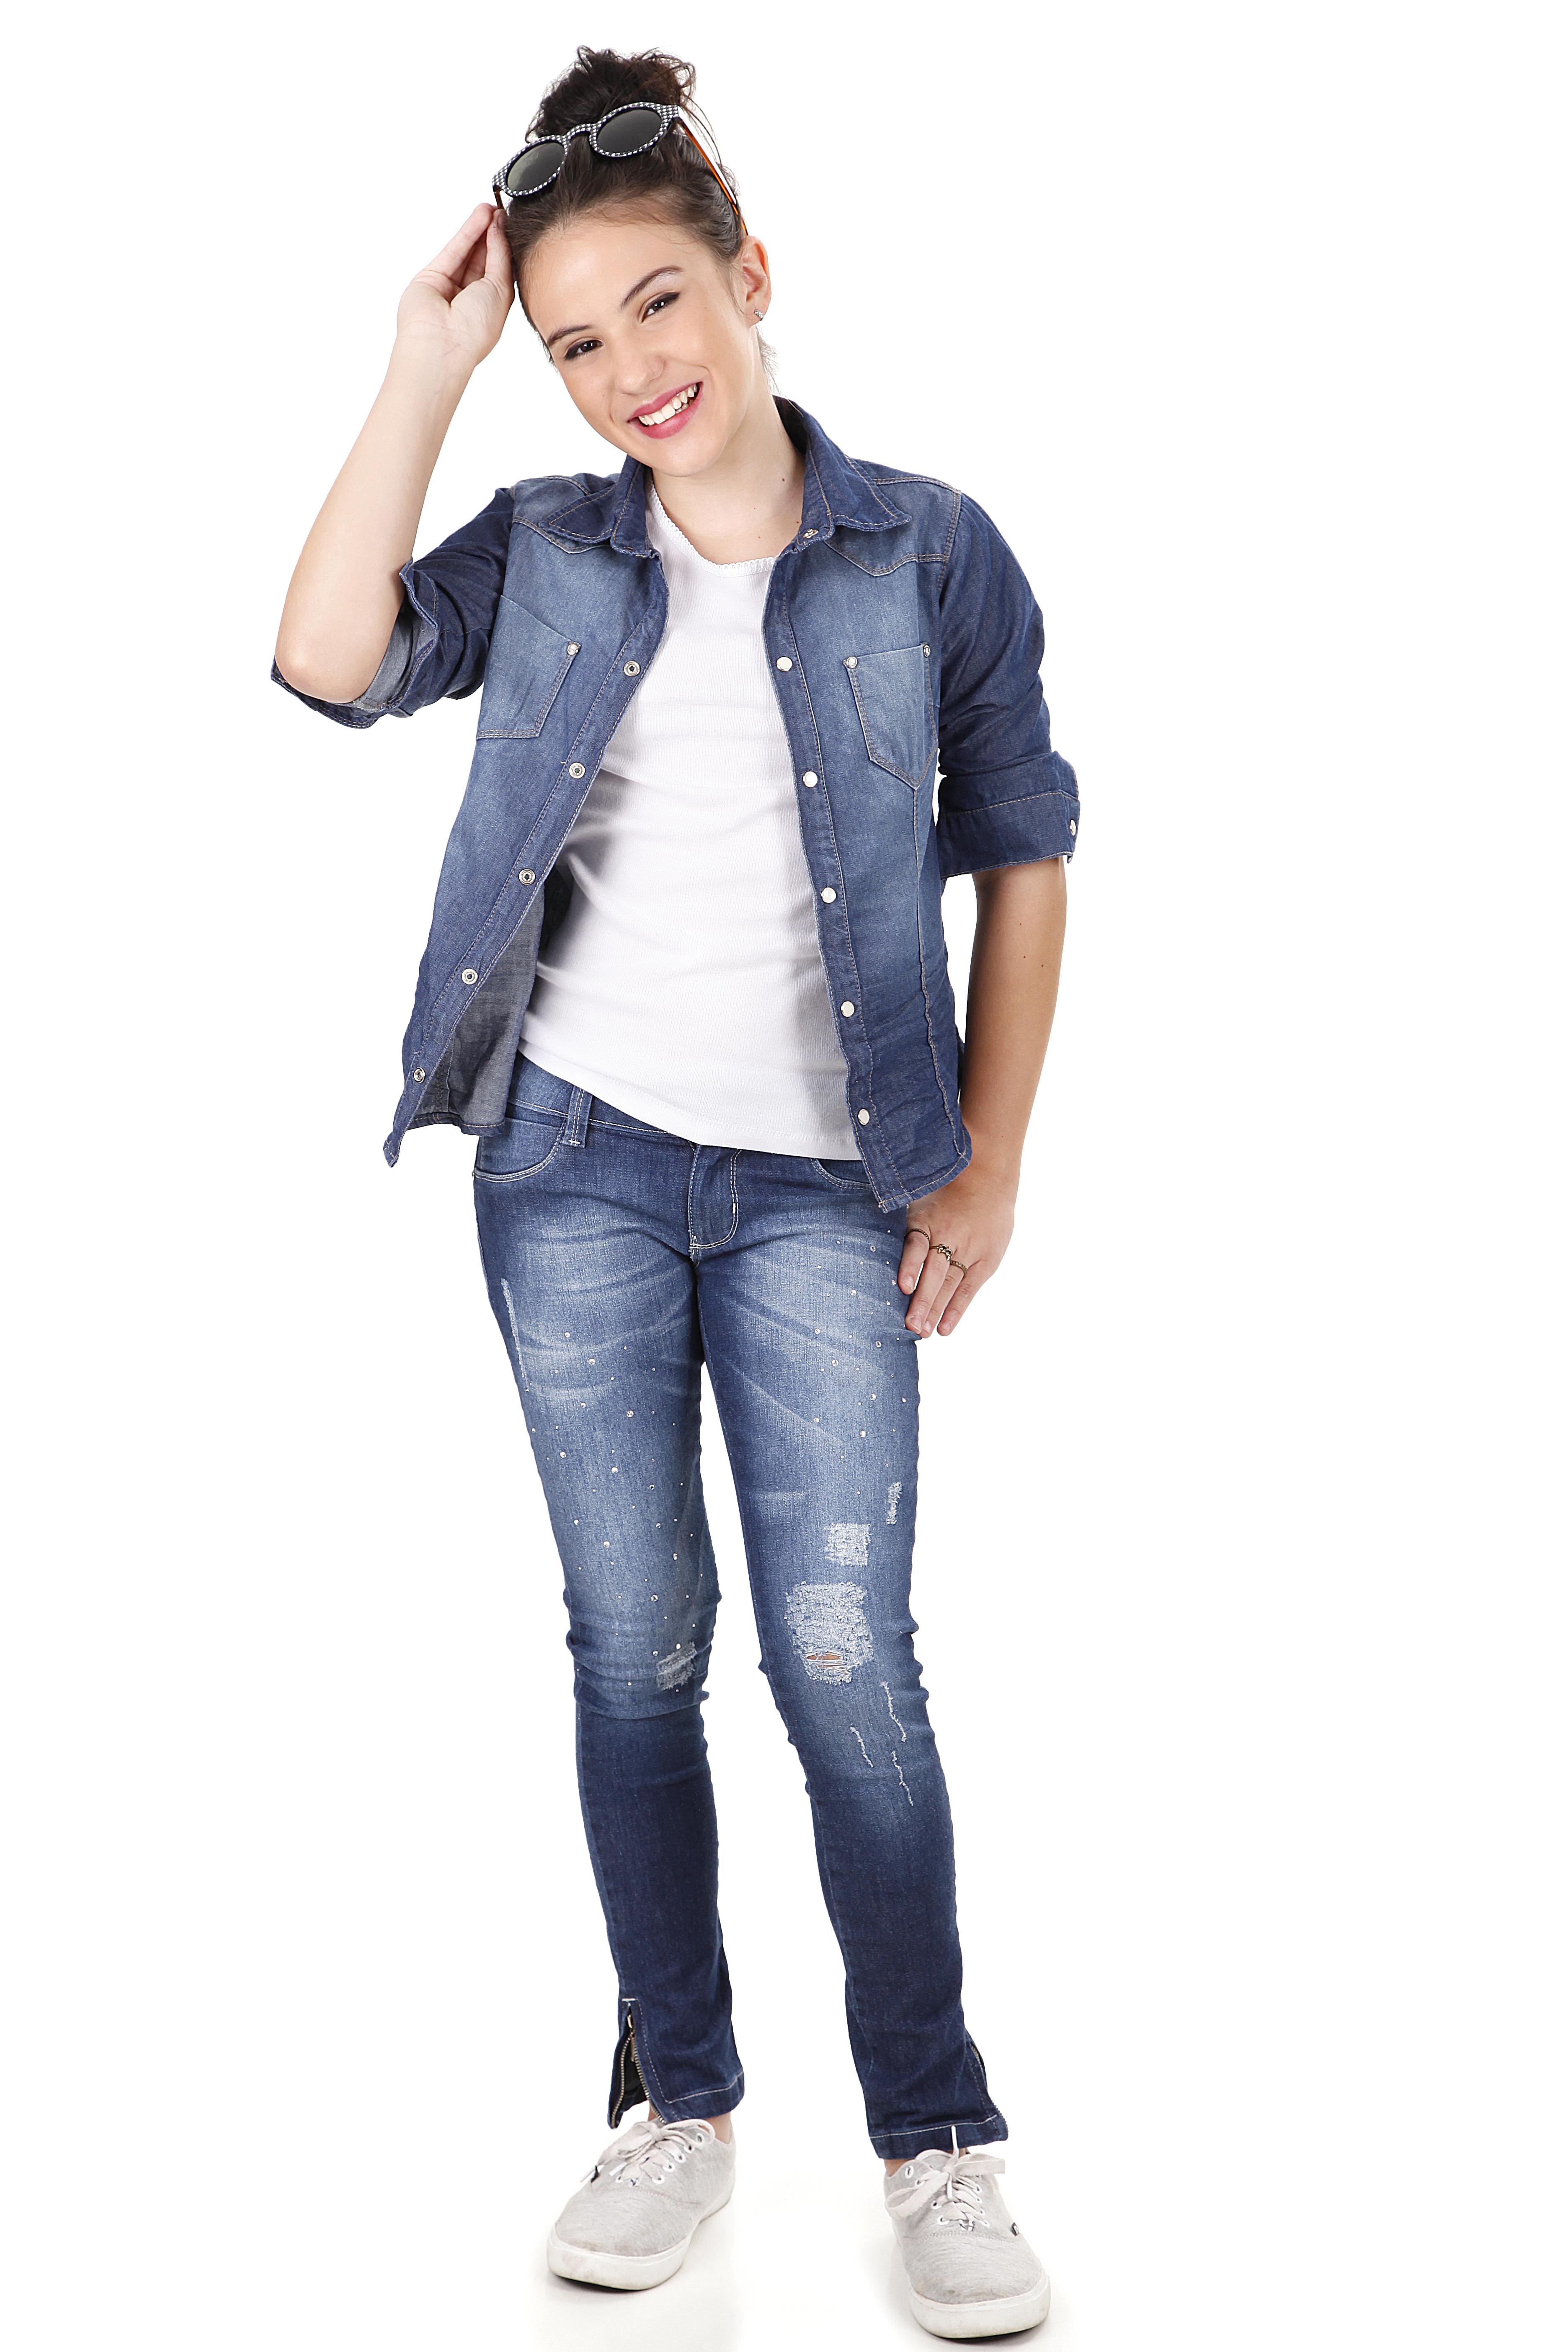 Parizi Jeans | Lookbook - Coleção Outono Inverno 2016